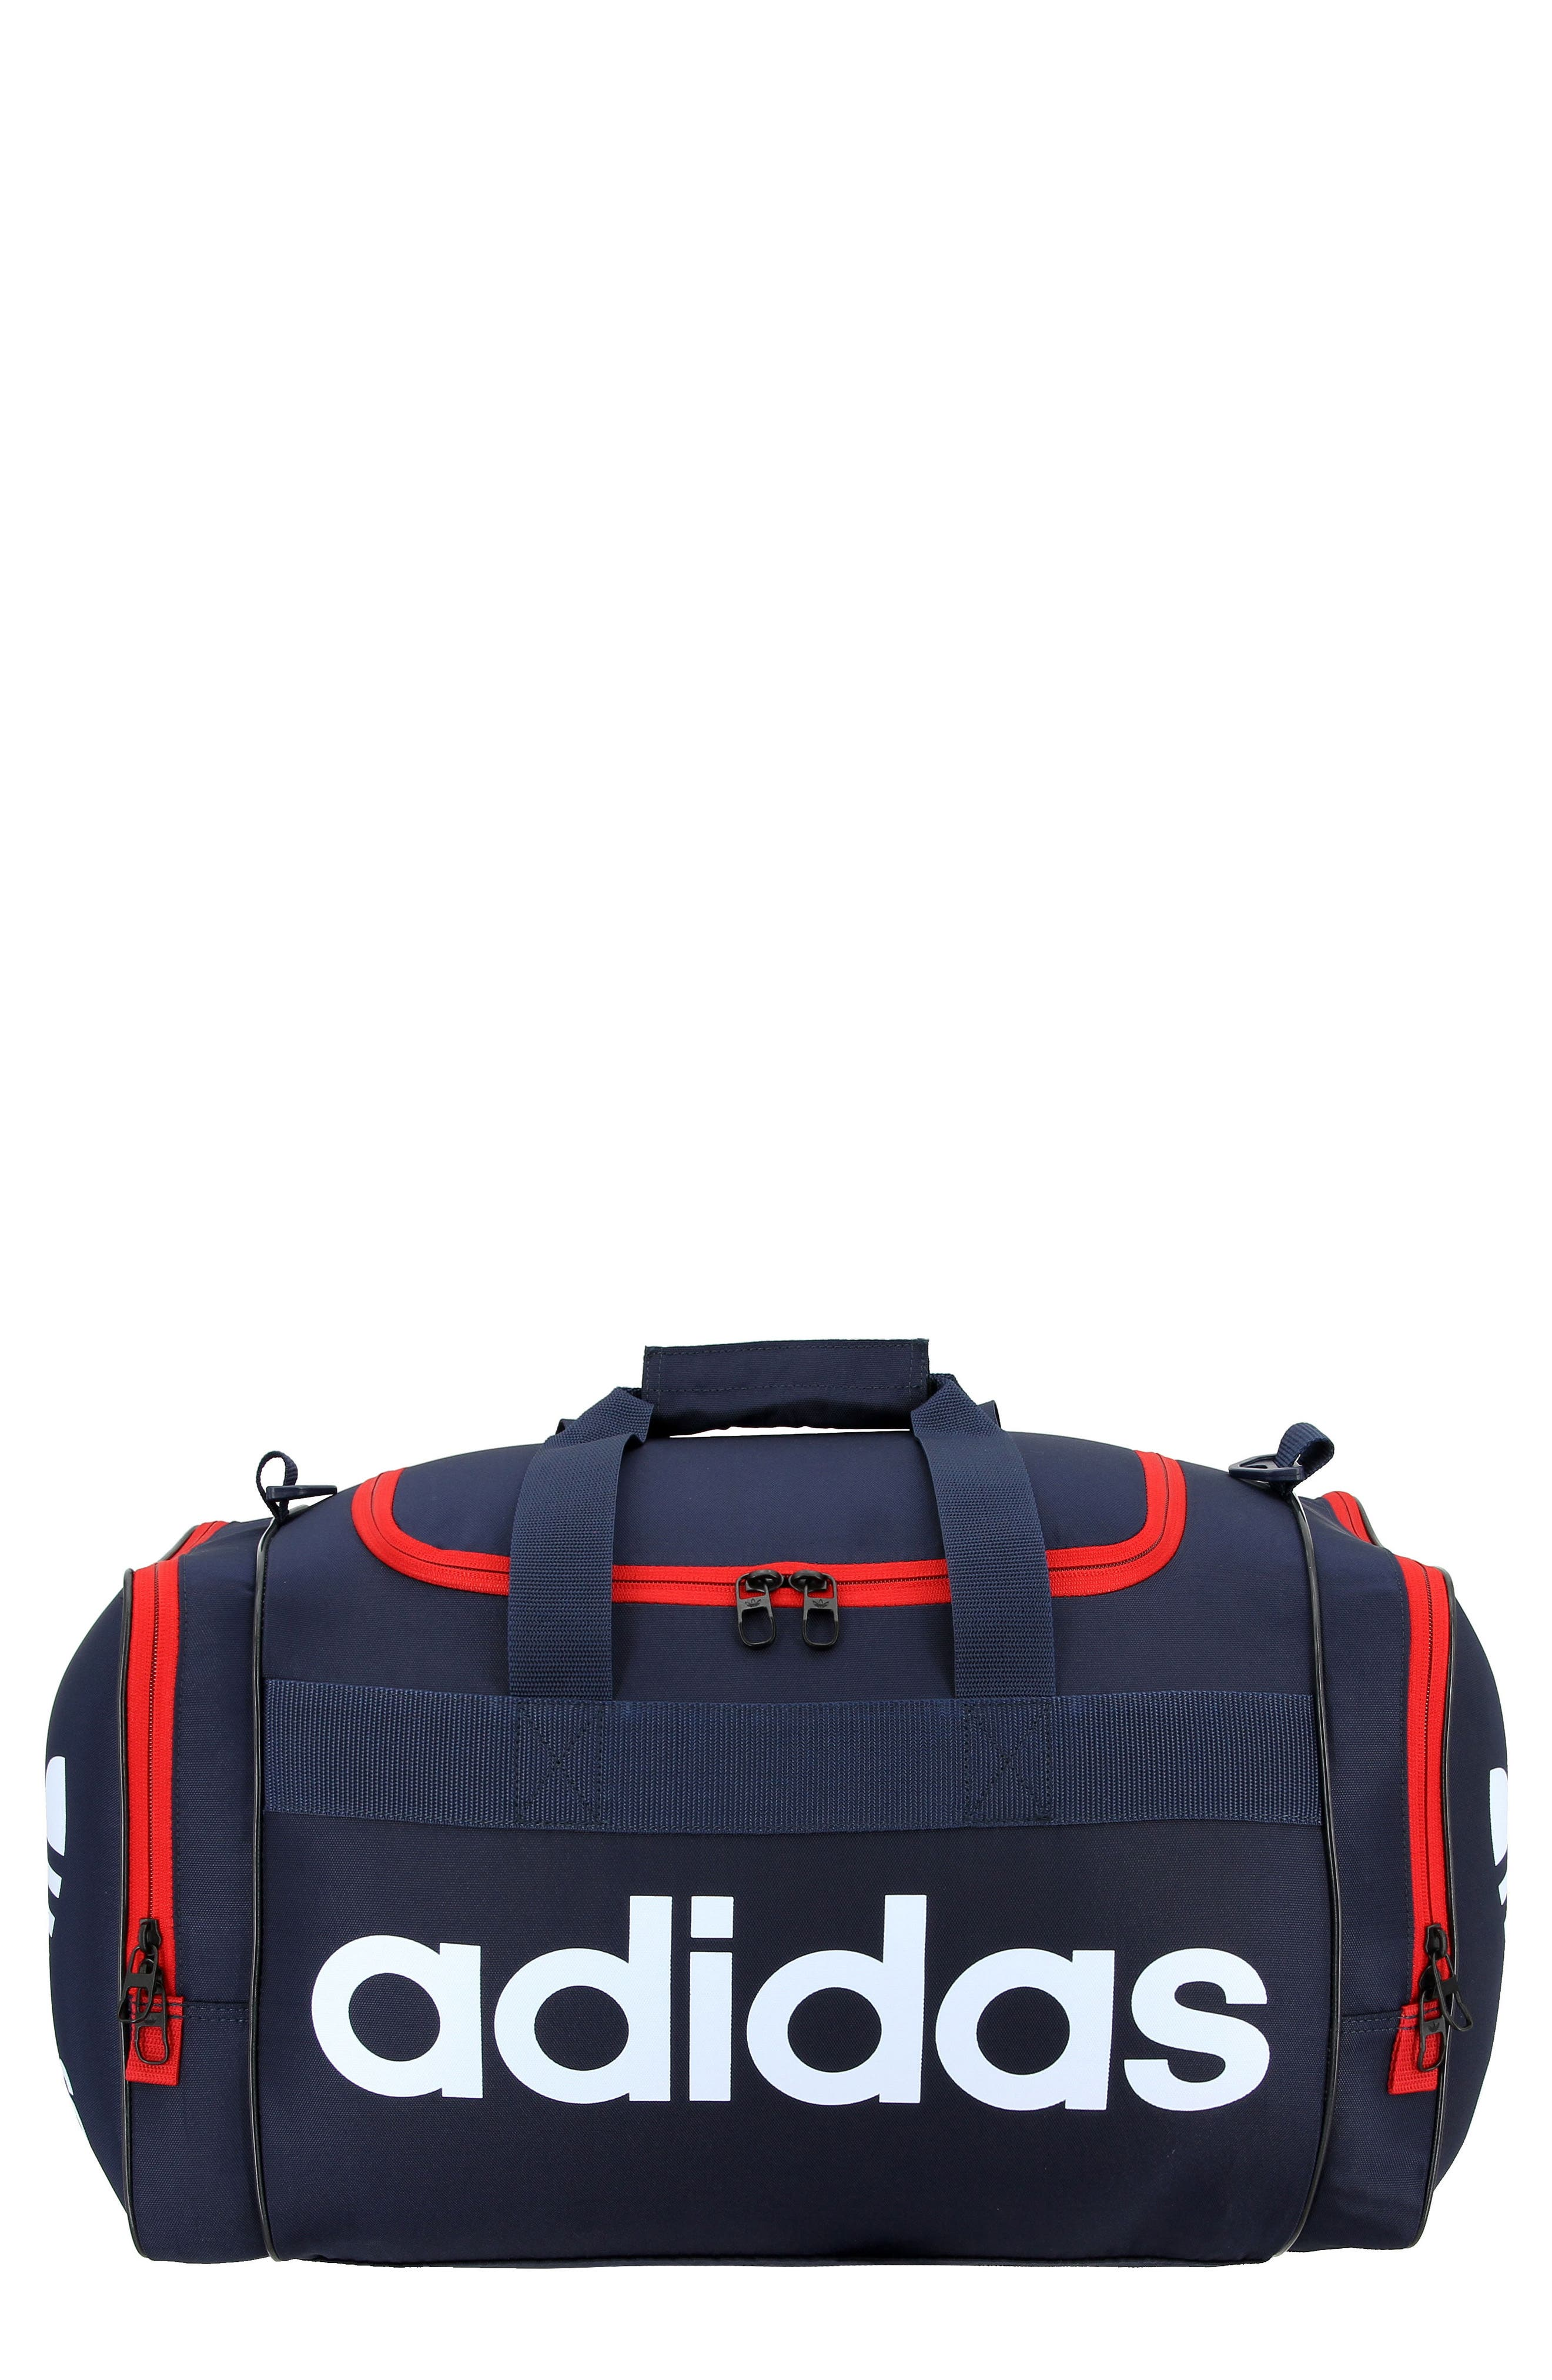 Alternate Image 1 Selected - adidas Originals Santiago Duffel Bag